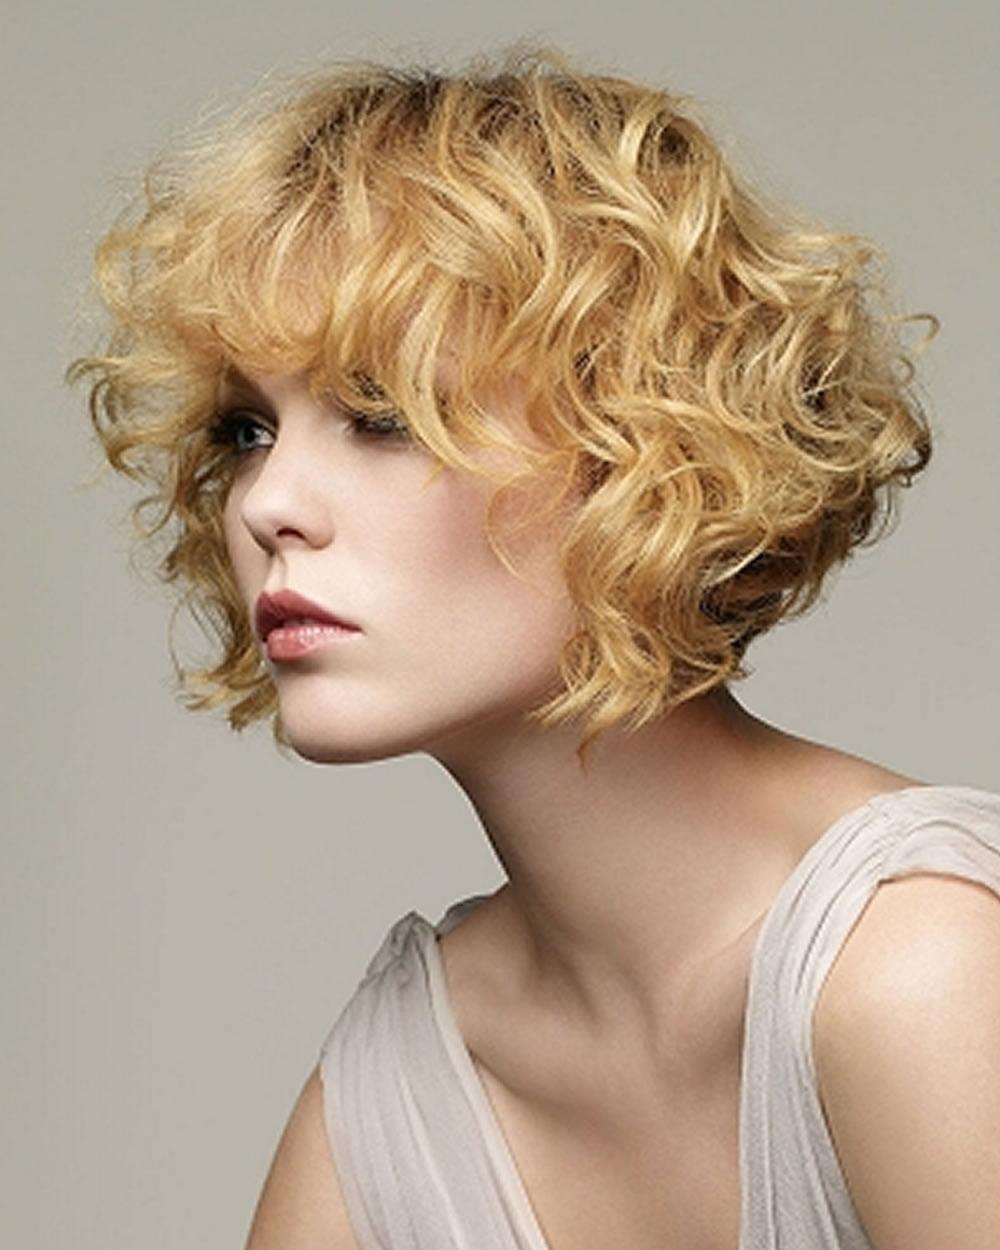 Brown short curly hair bob haircut 2019 - Hair Colors